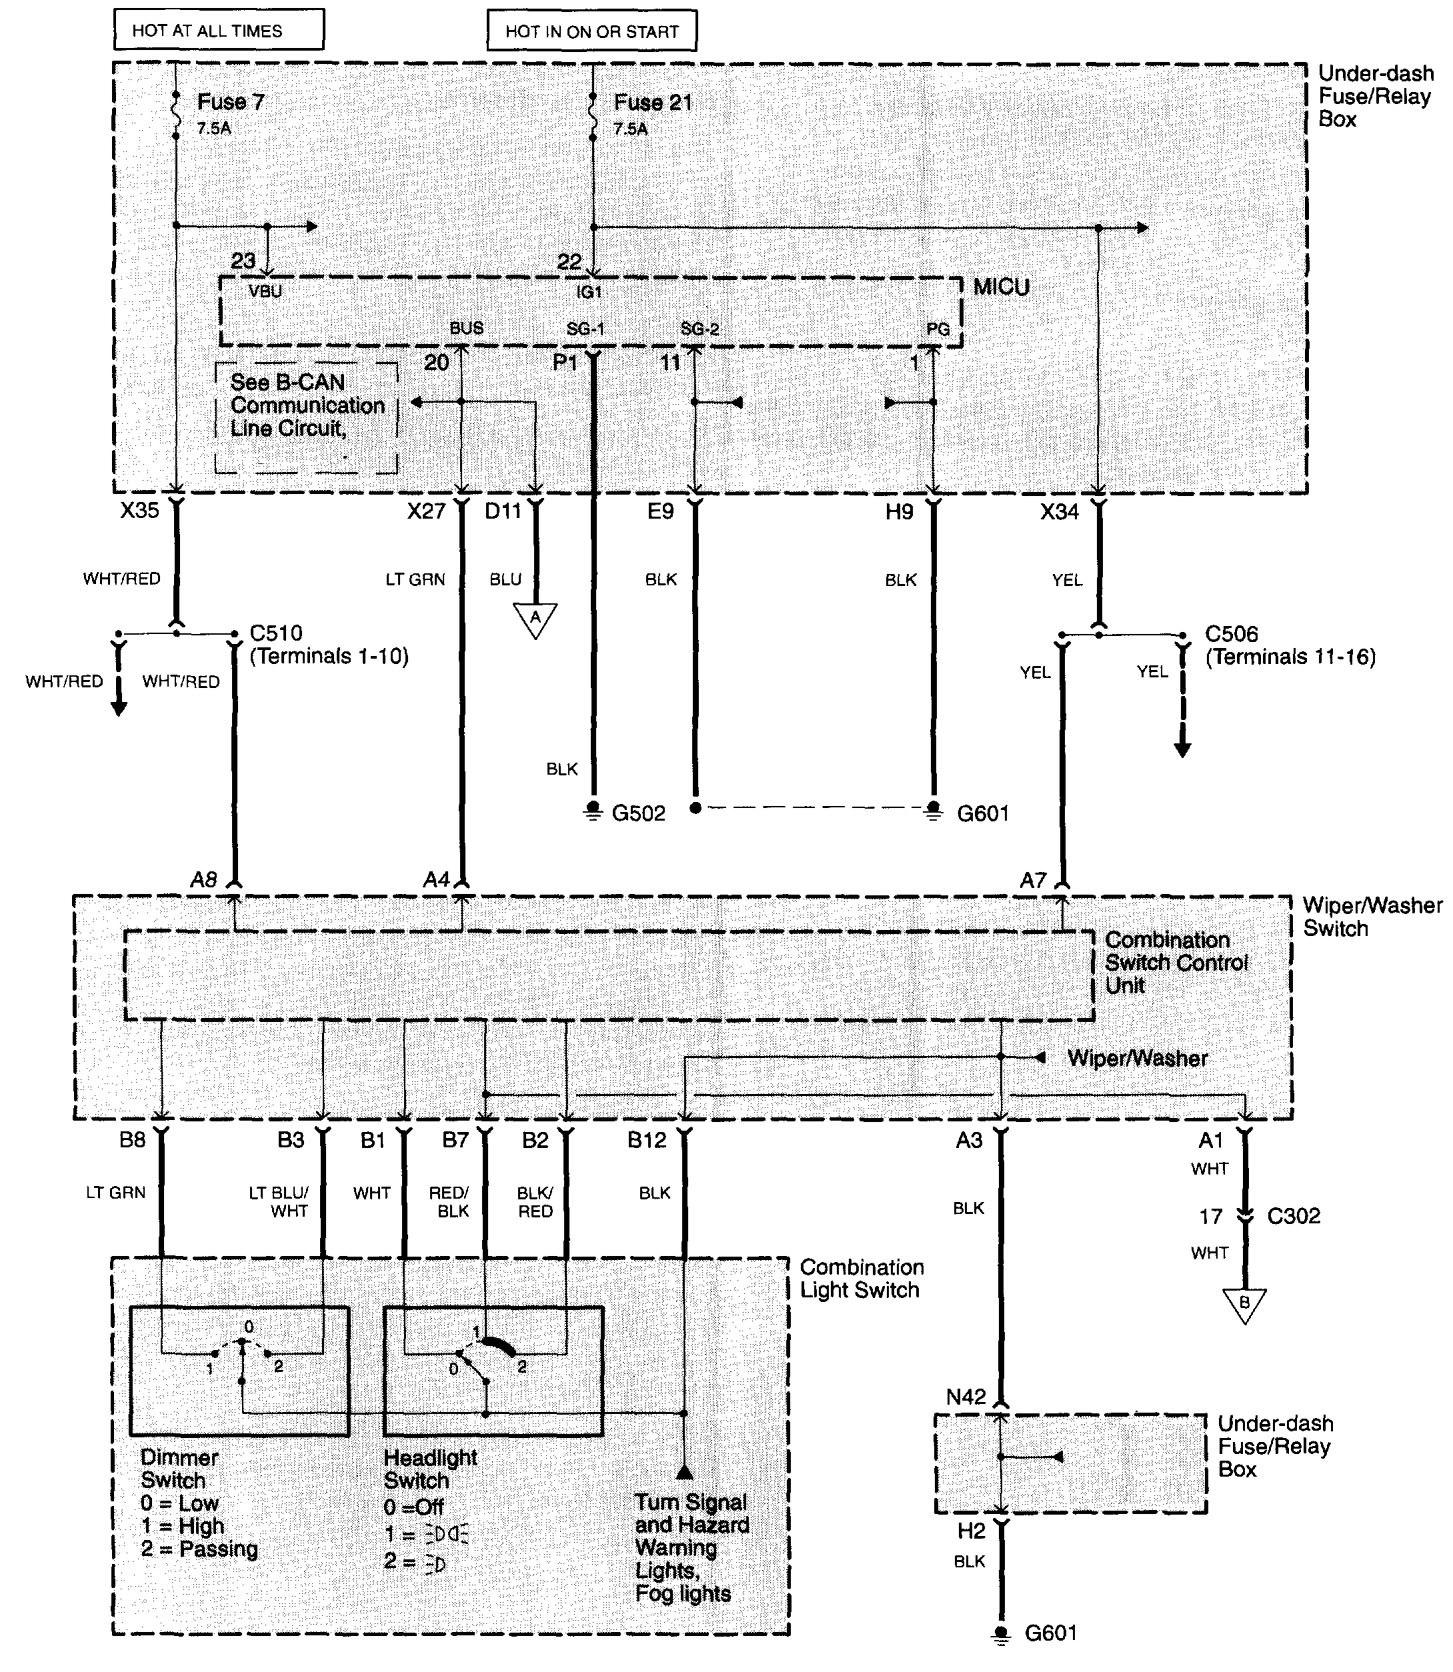 acura tl  2003 - 2006  - wiring diagrams